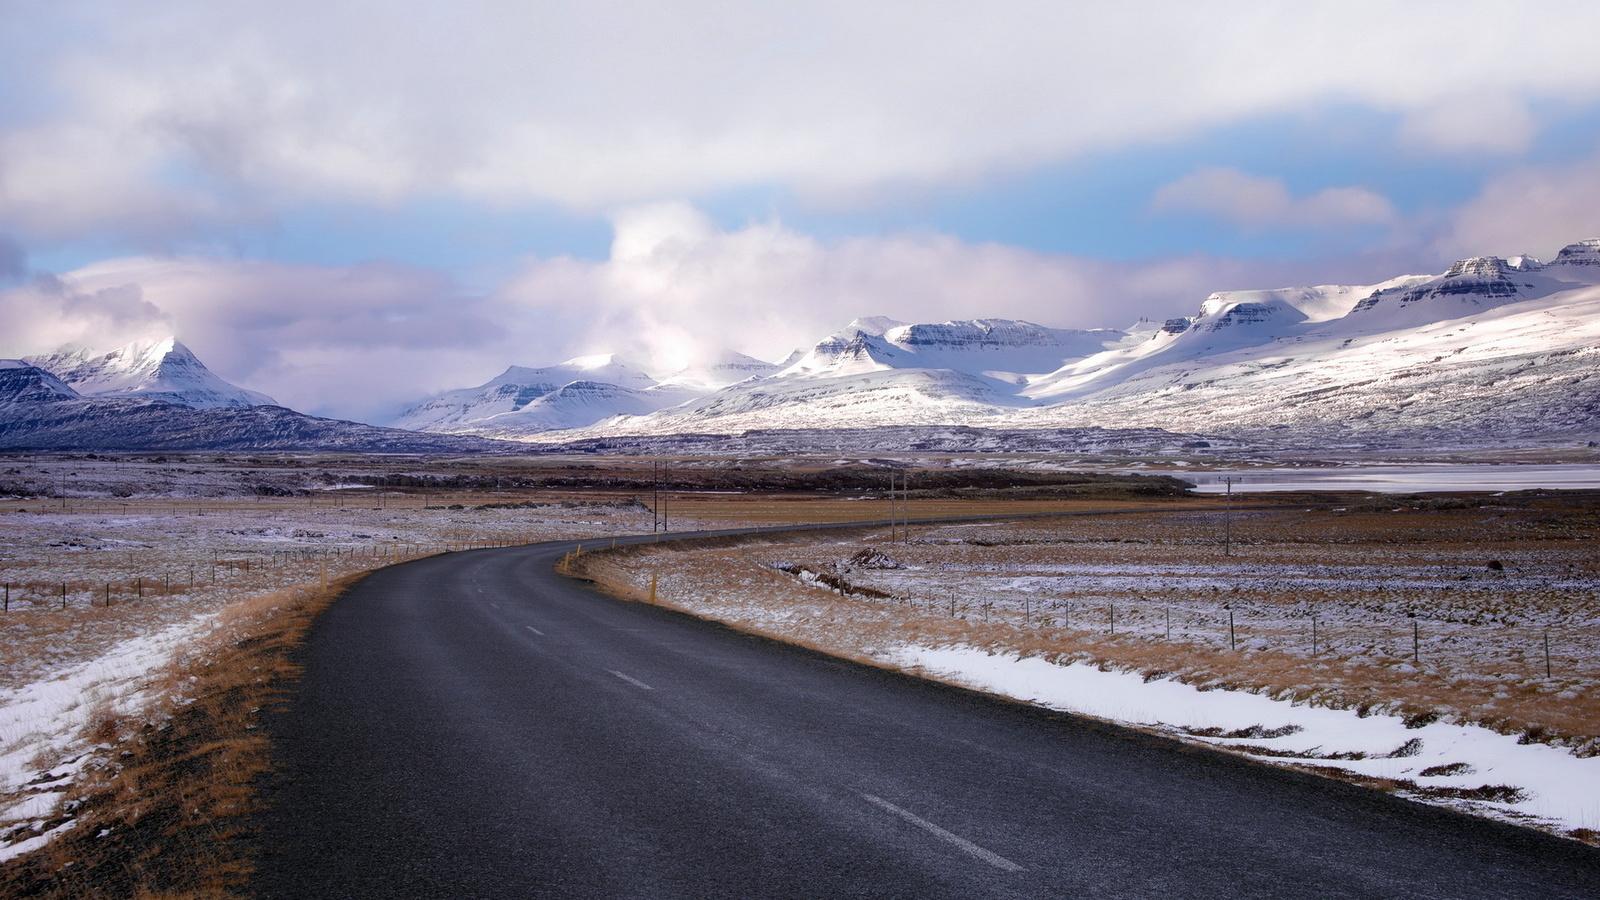 горы, снег, дорога